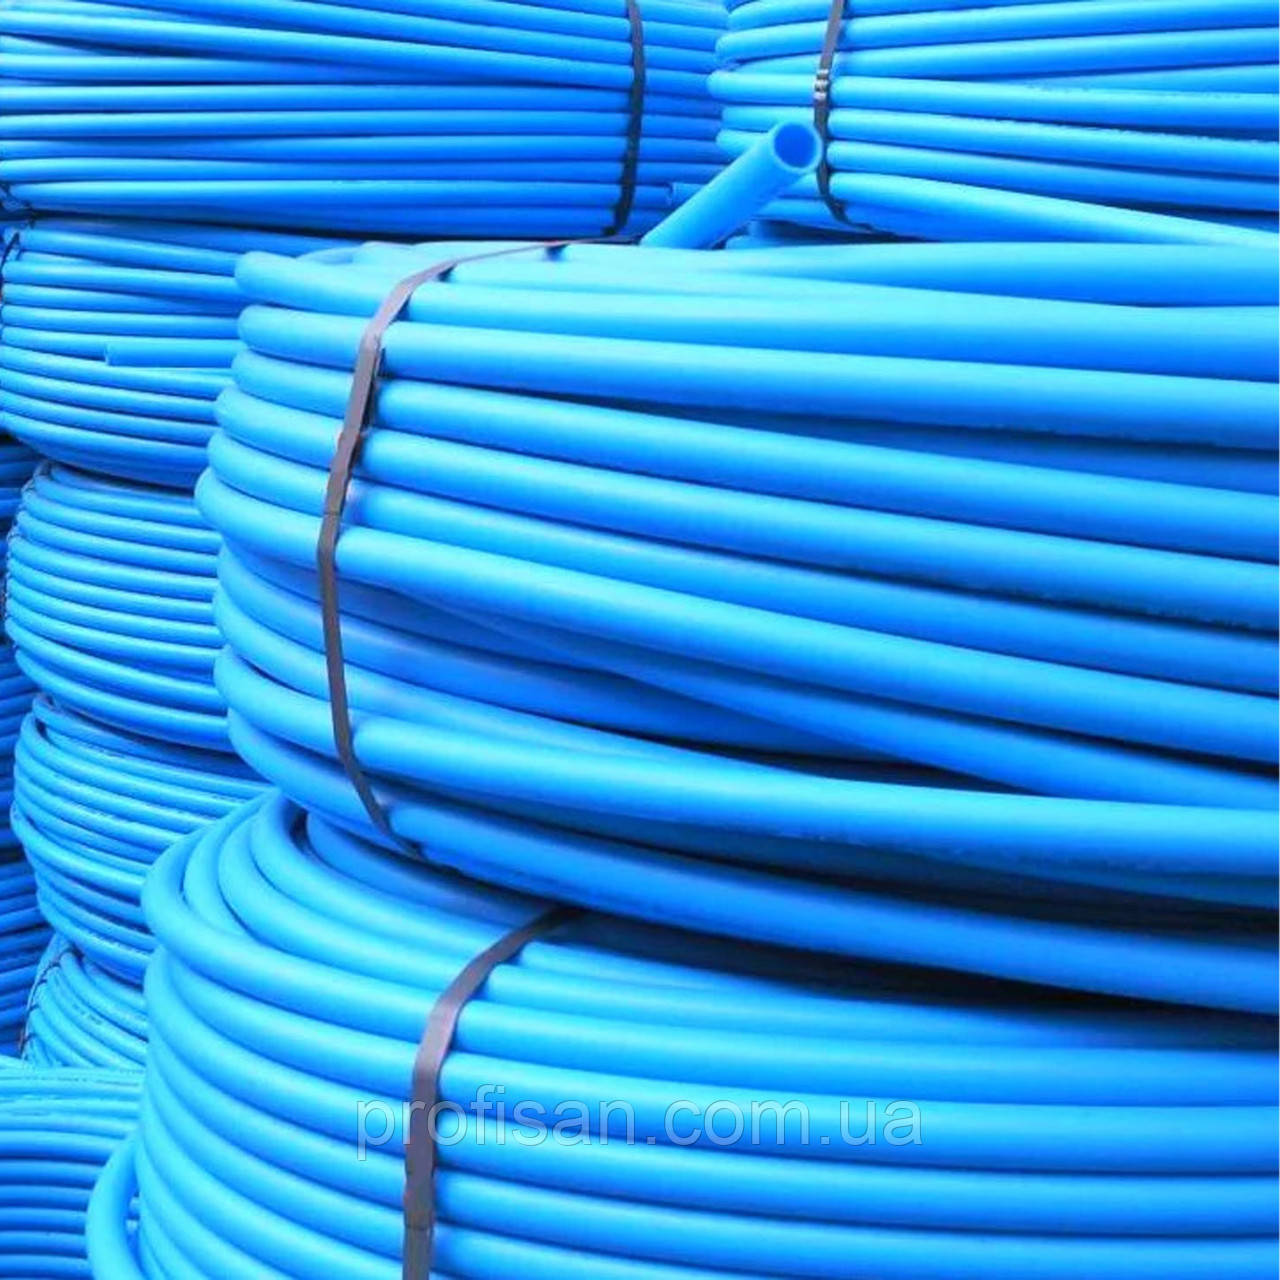 Труба ПЕ для водопостачання (блакитна) ф 32x2.4мм, 200мп, 10 атм (Польща)